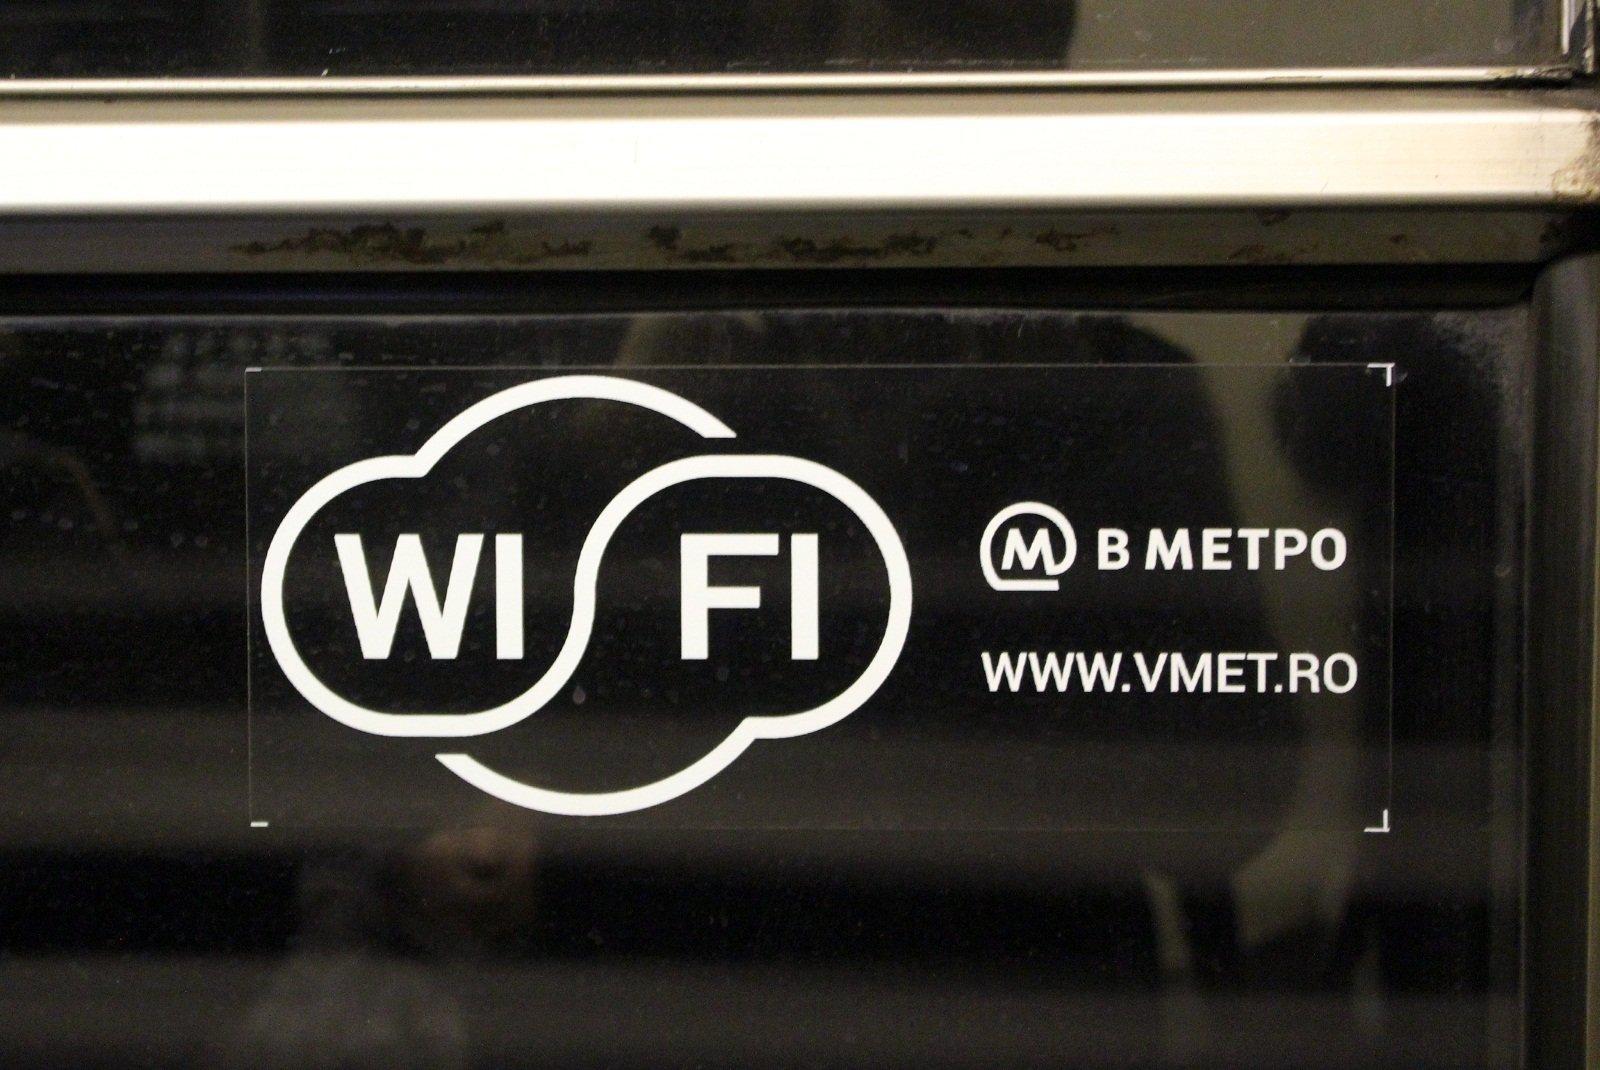 Оператор сети Wi-Fi вметро столицы начал поправлять найденную уязвимость